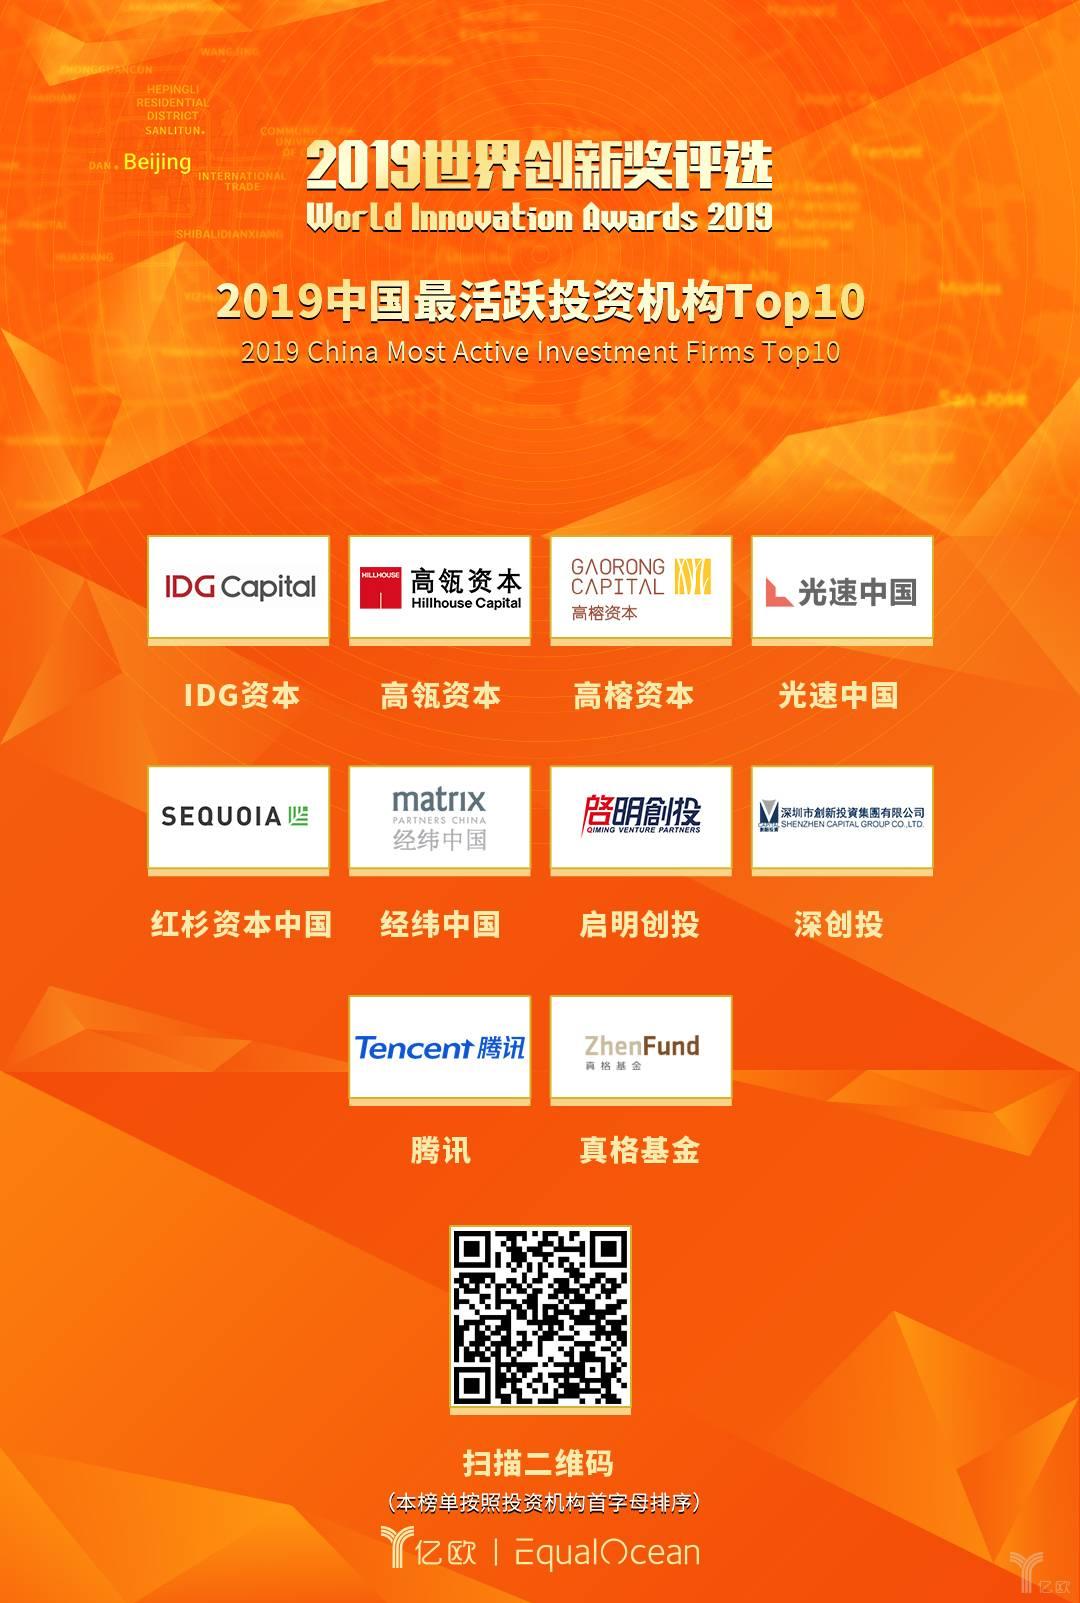 亿欧:2019中国最活跃投资机构Top10